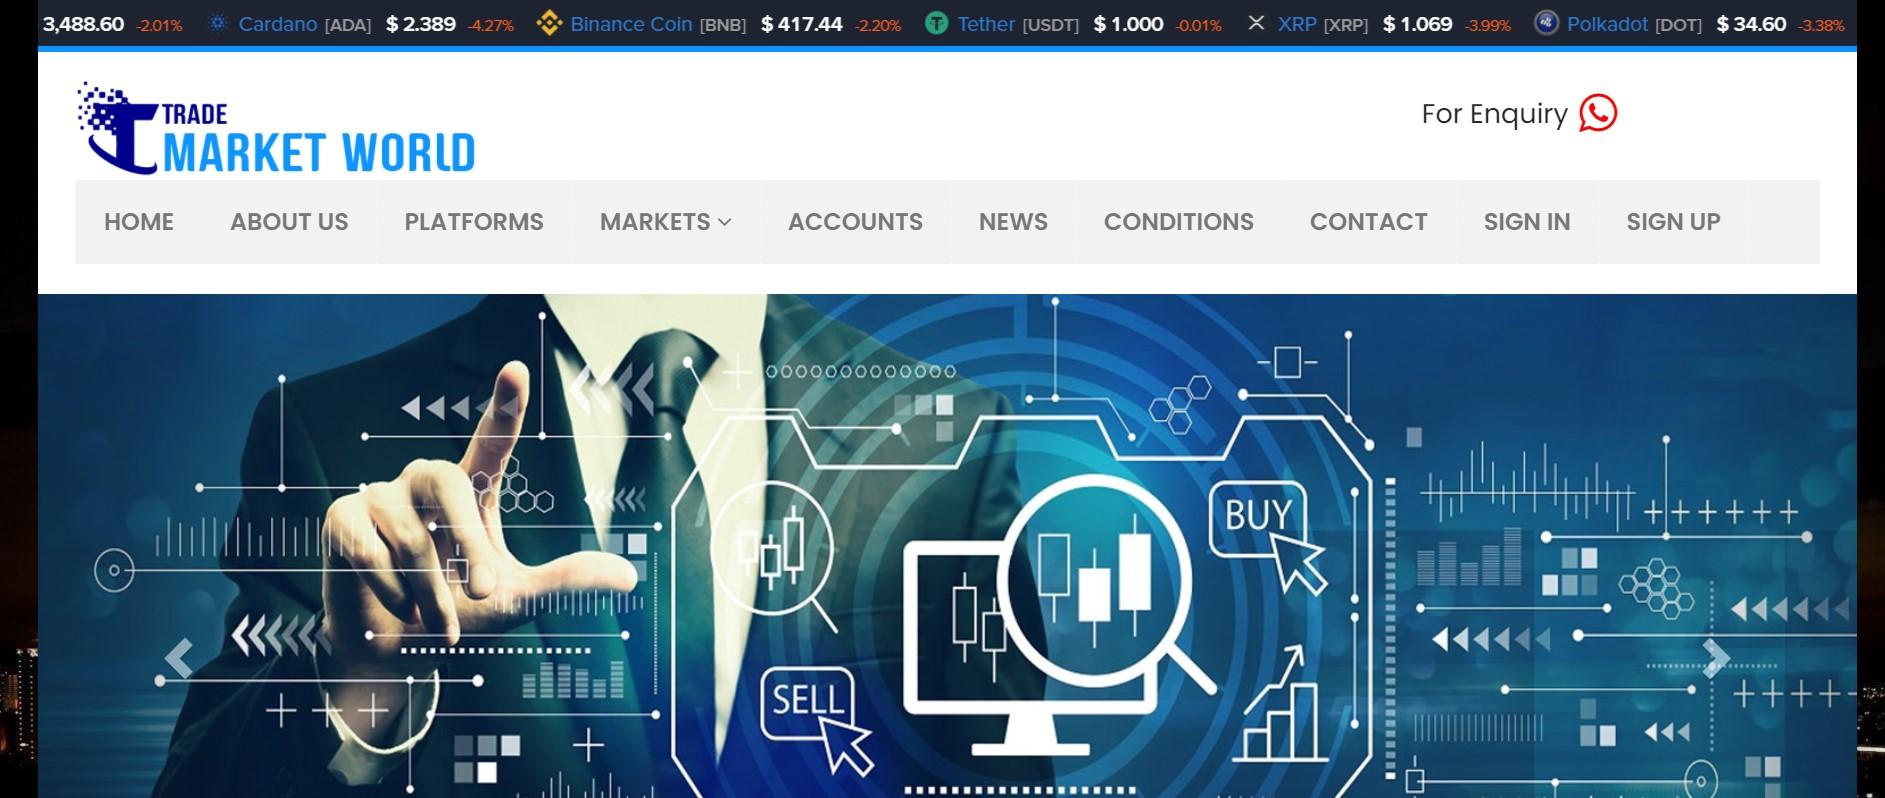 Trade Market World website